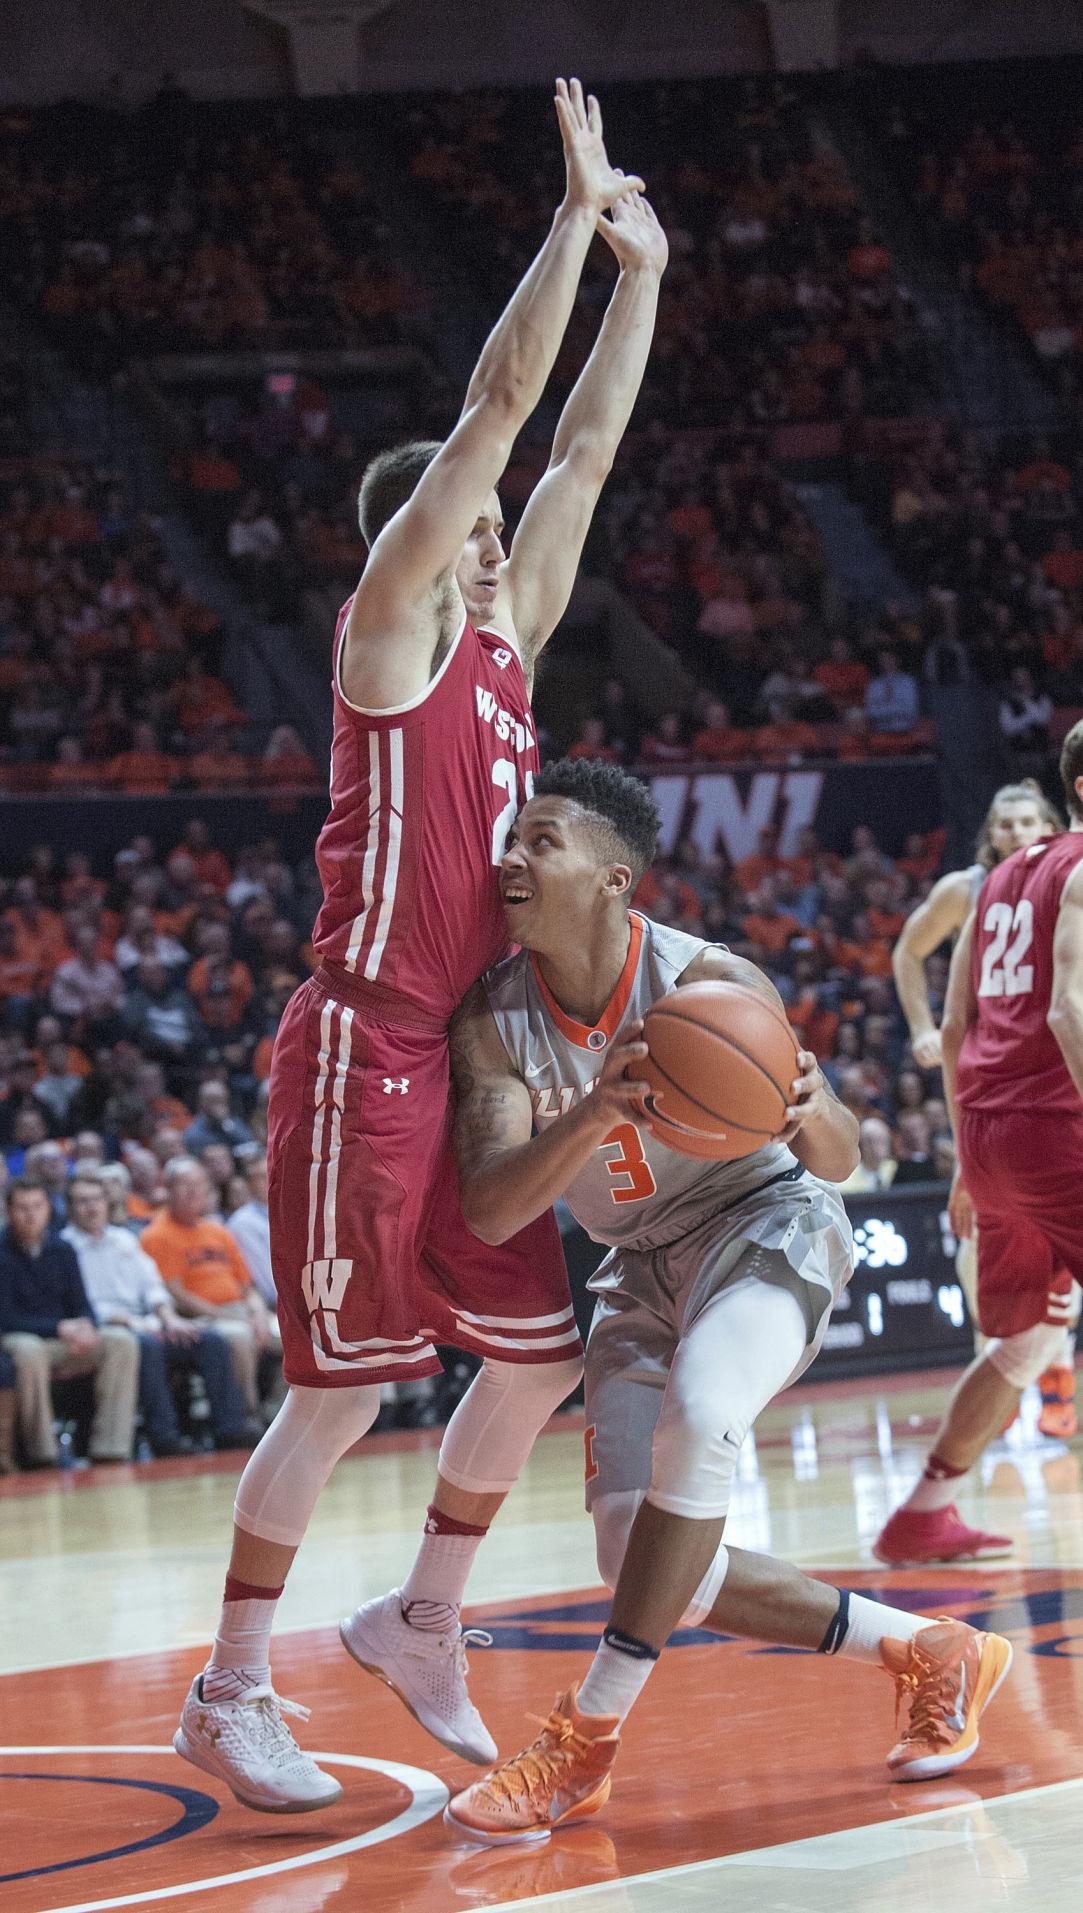 Wisconsin Illinois Basketball